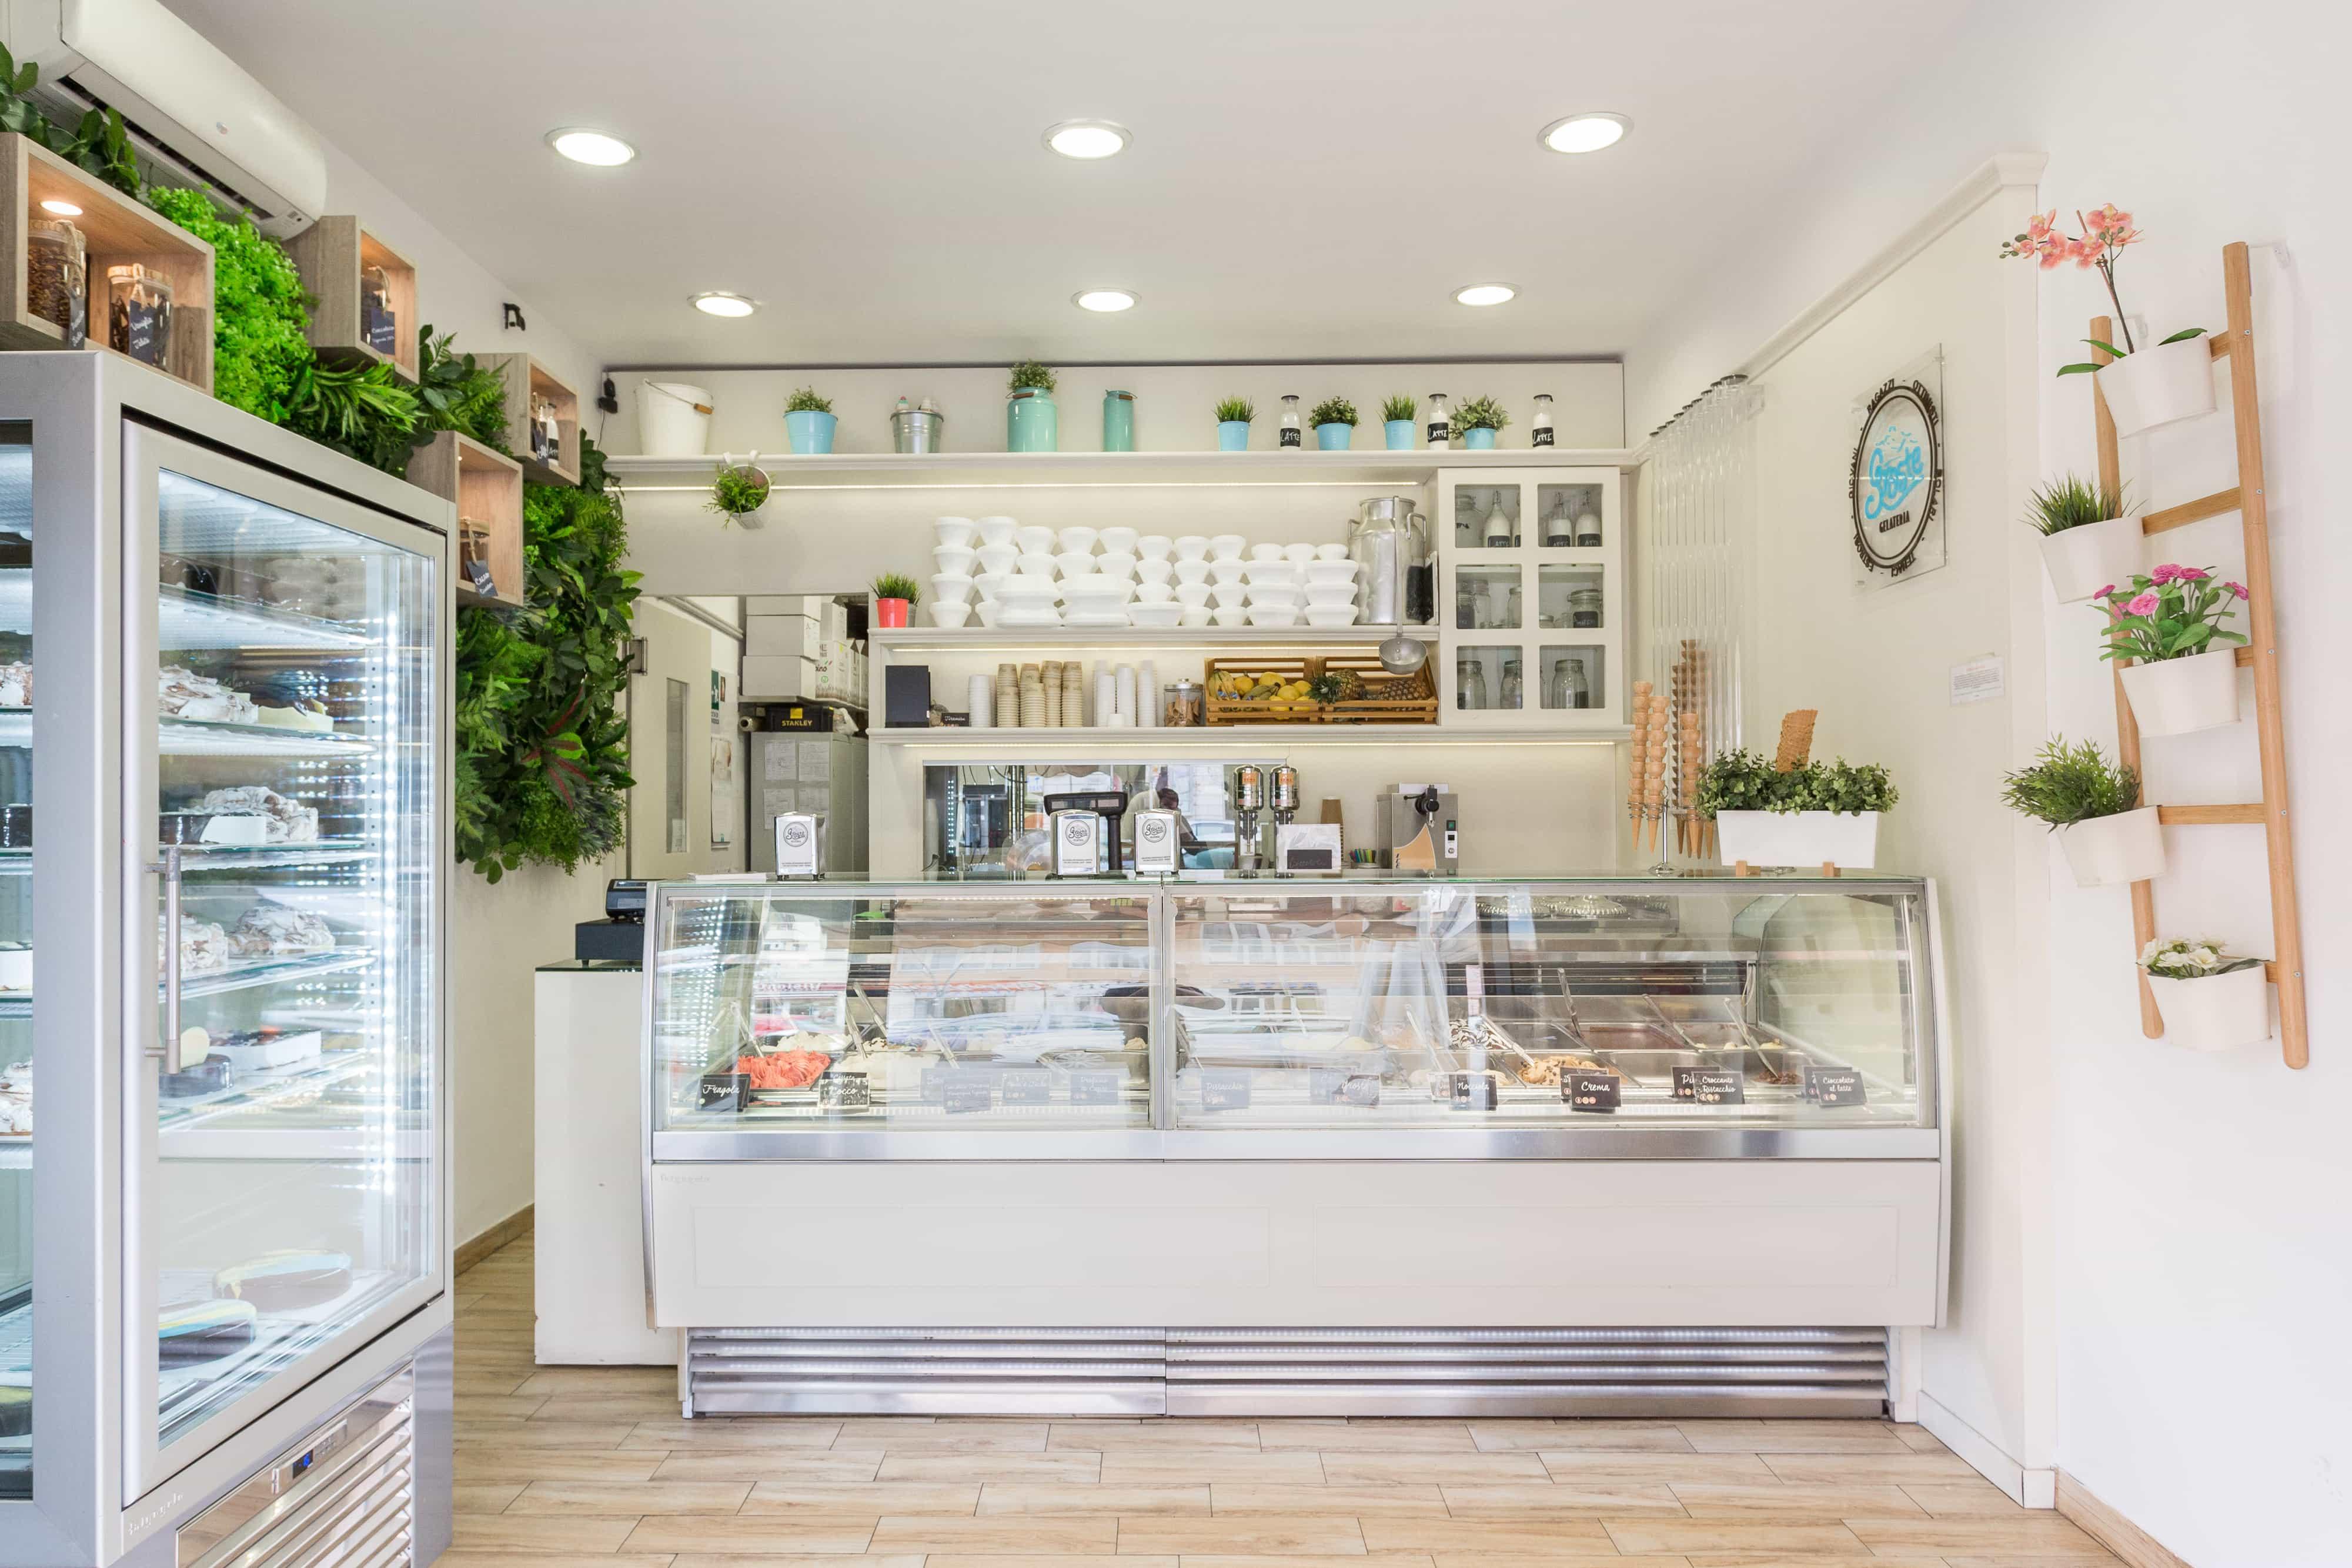 Arredamento locali roma e lazio arredare bar ristoranti for Subito arredamento lazio